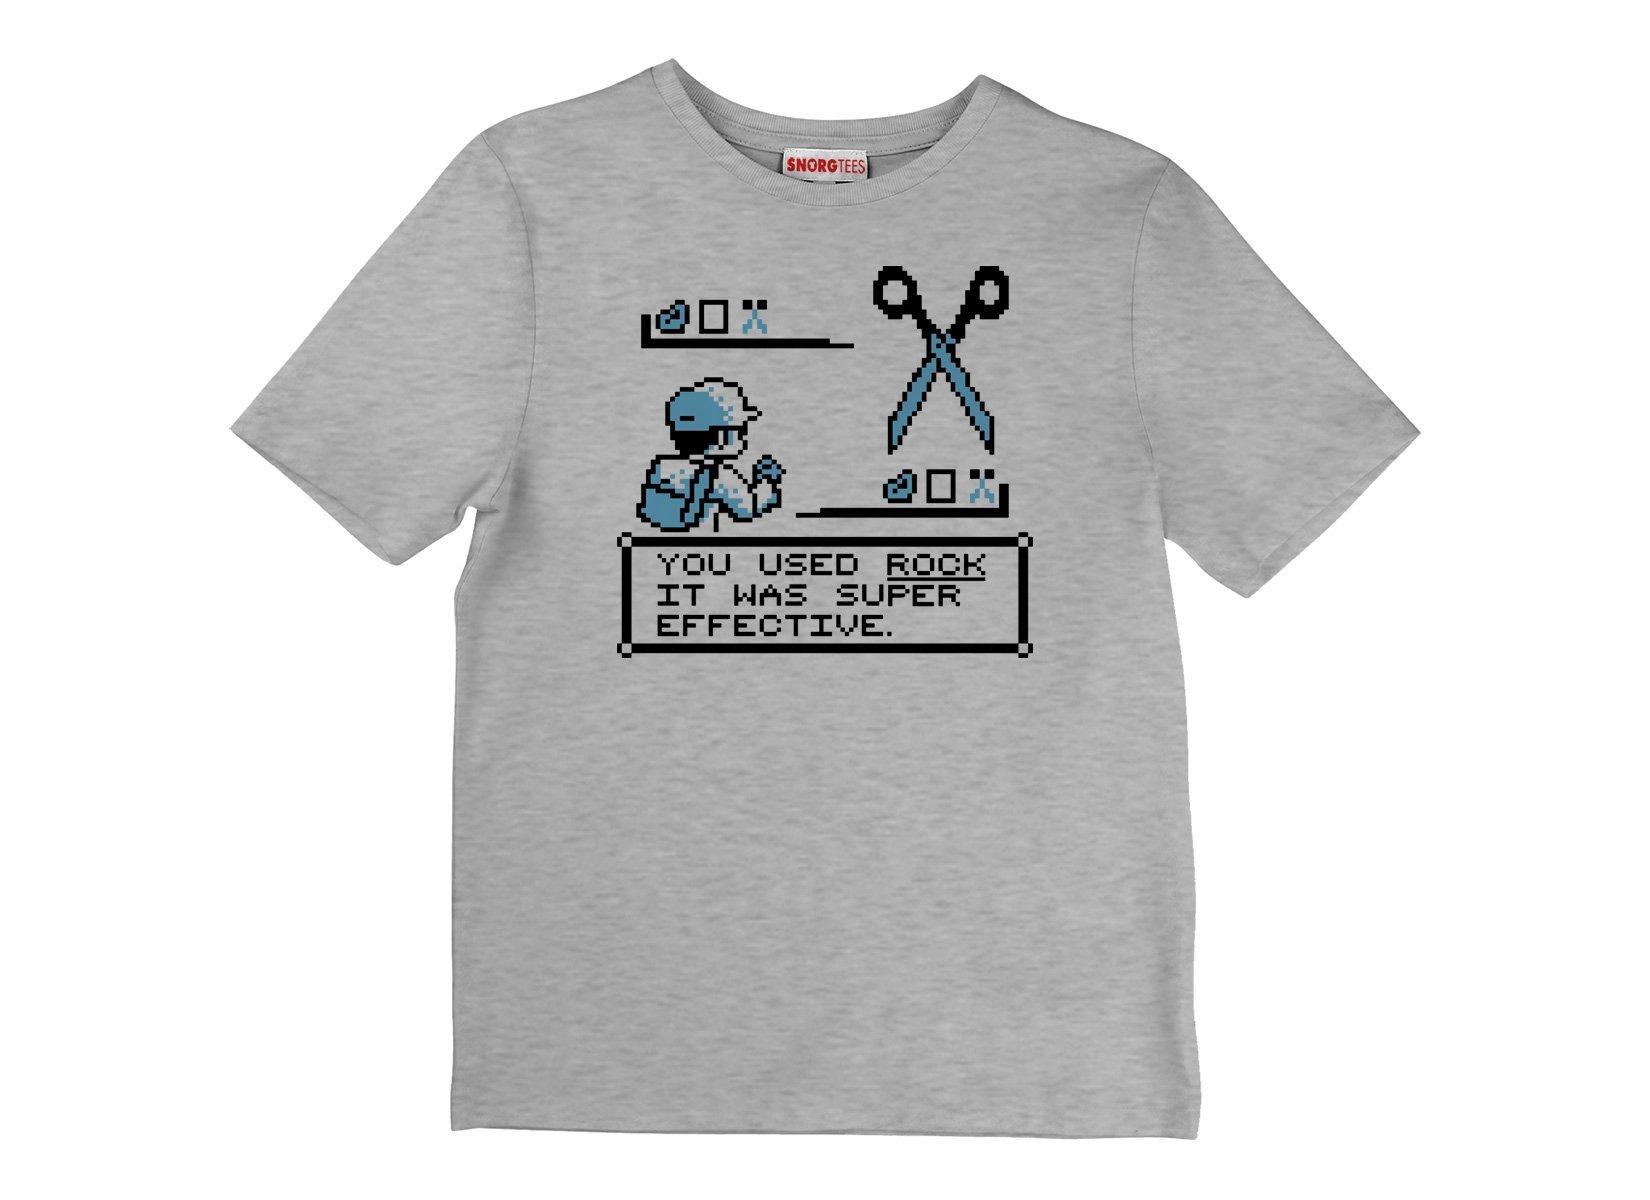 Rock Paper Scissors Battle on Kids T-Shirt